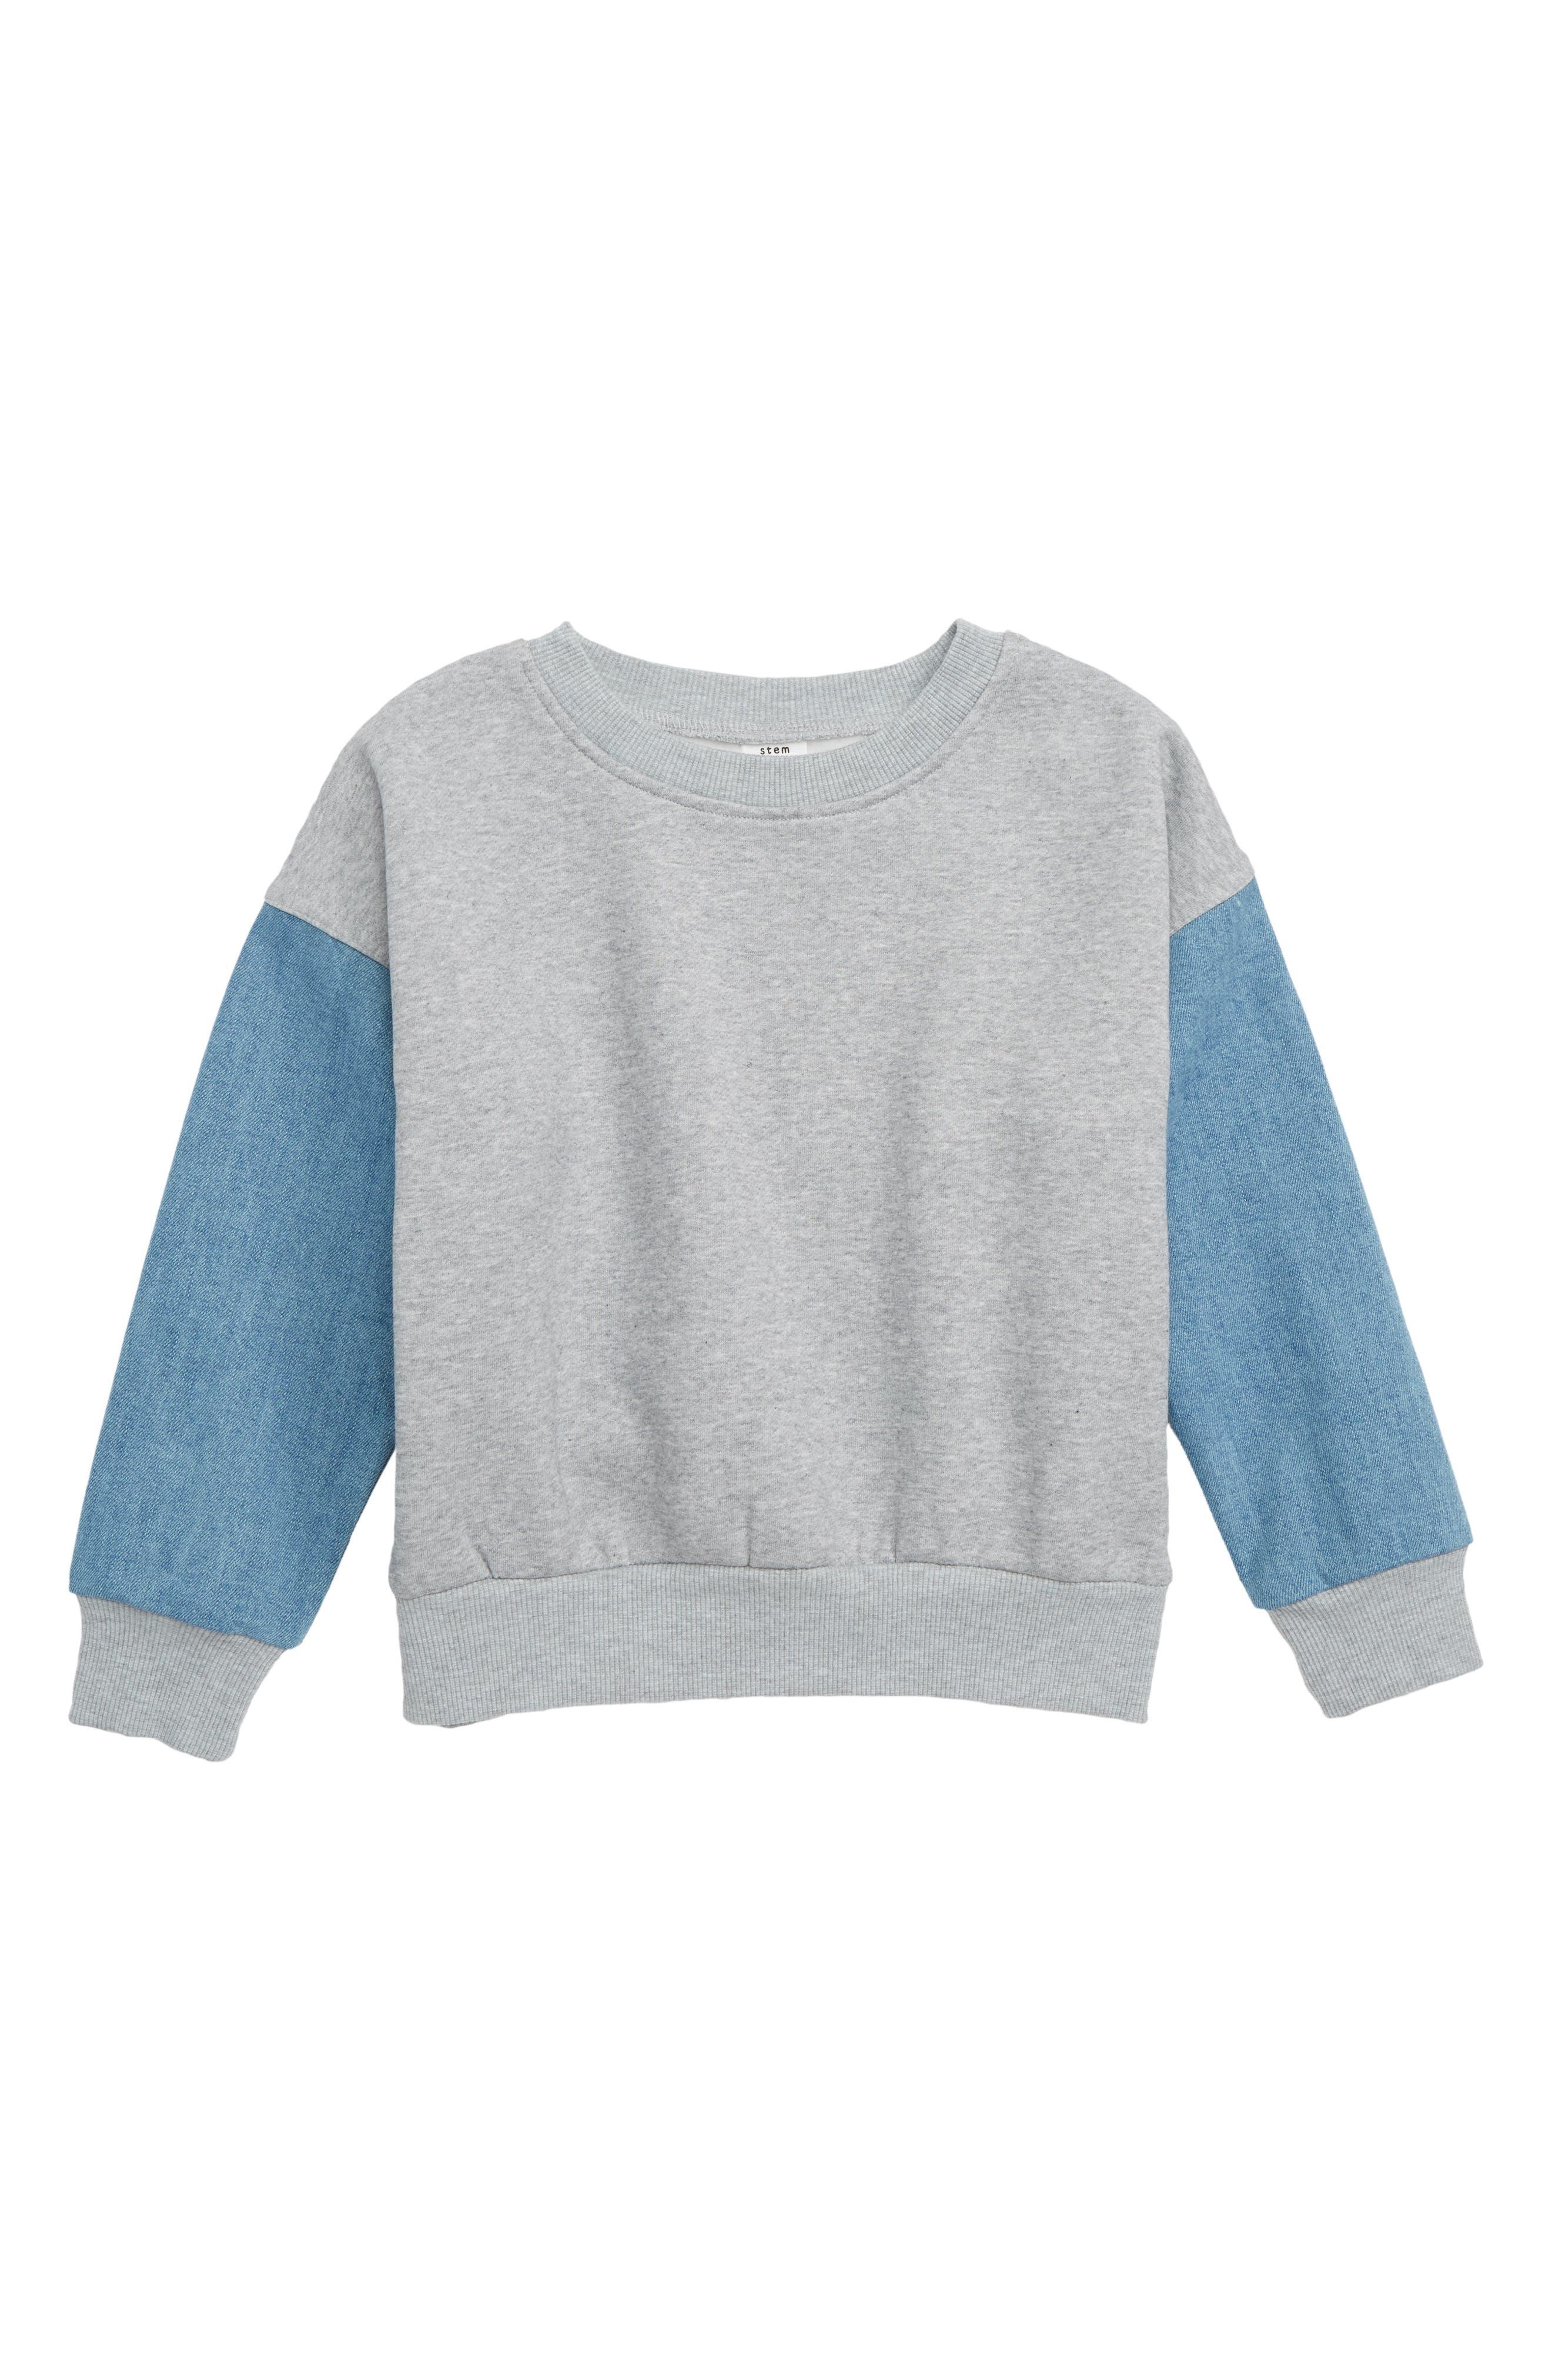 Denim Sleeve Sweatshirt,                             Main thumbnail 1, color,                             SCHOOL WASH